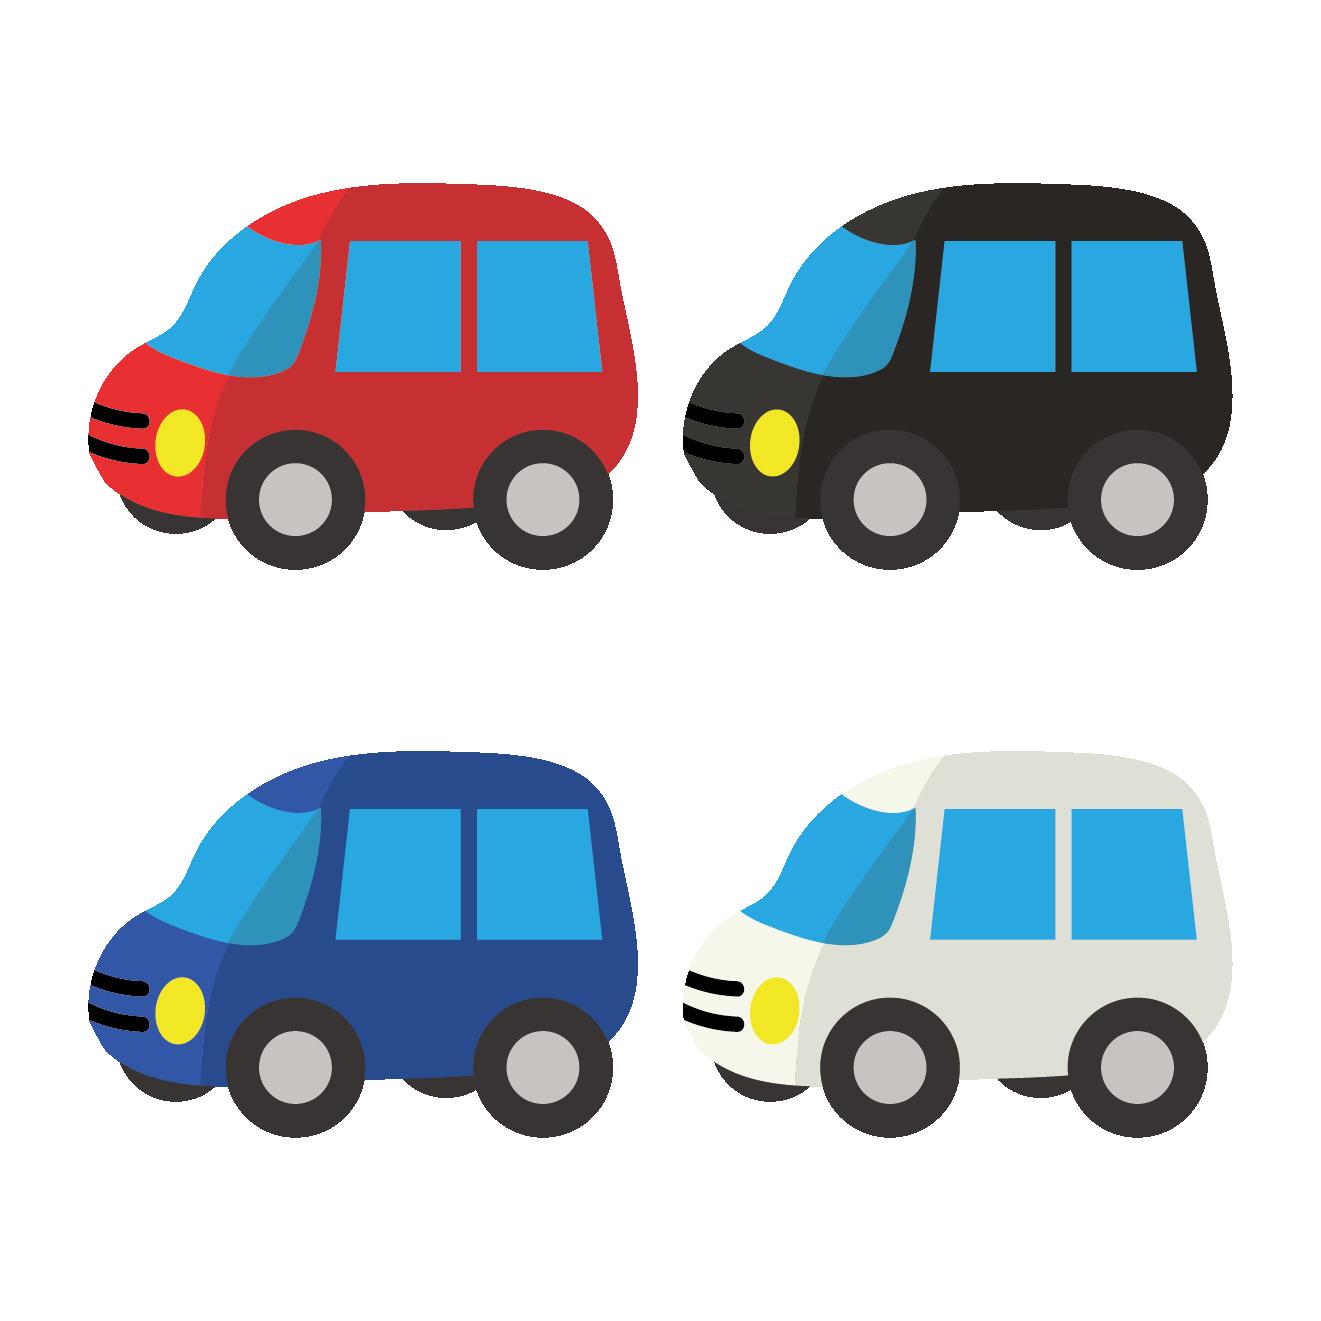 軽自動車(自動車・車)の4色展開イラスト | 商用フリー(無料)の